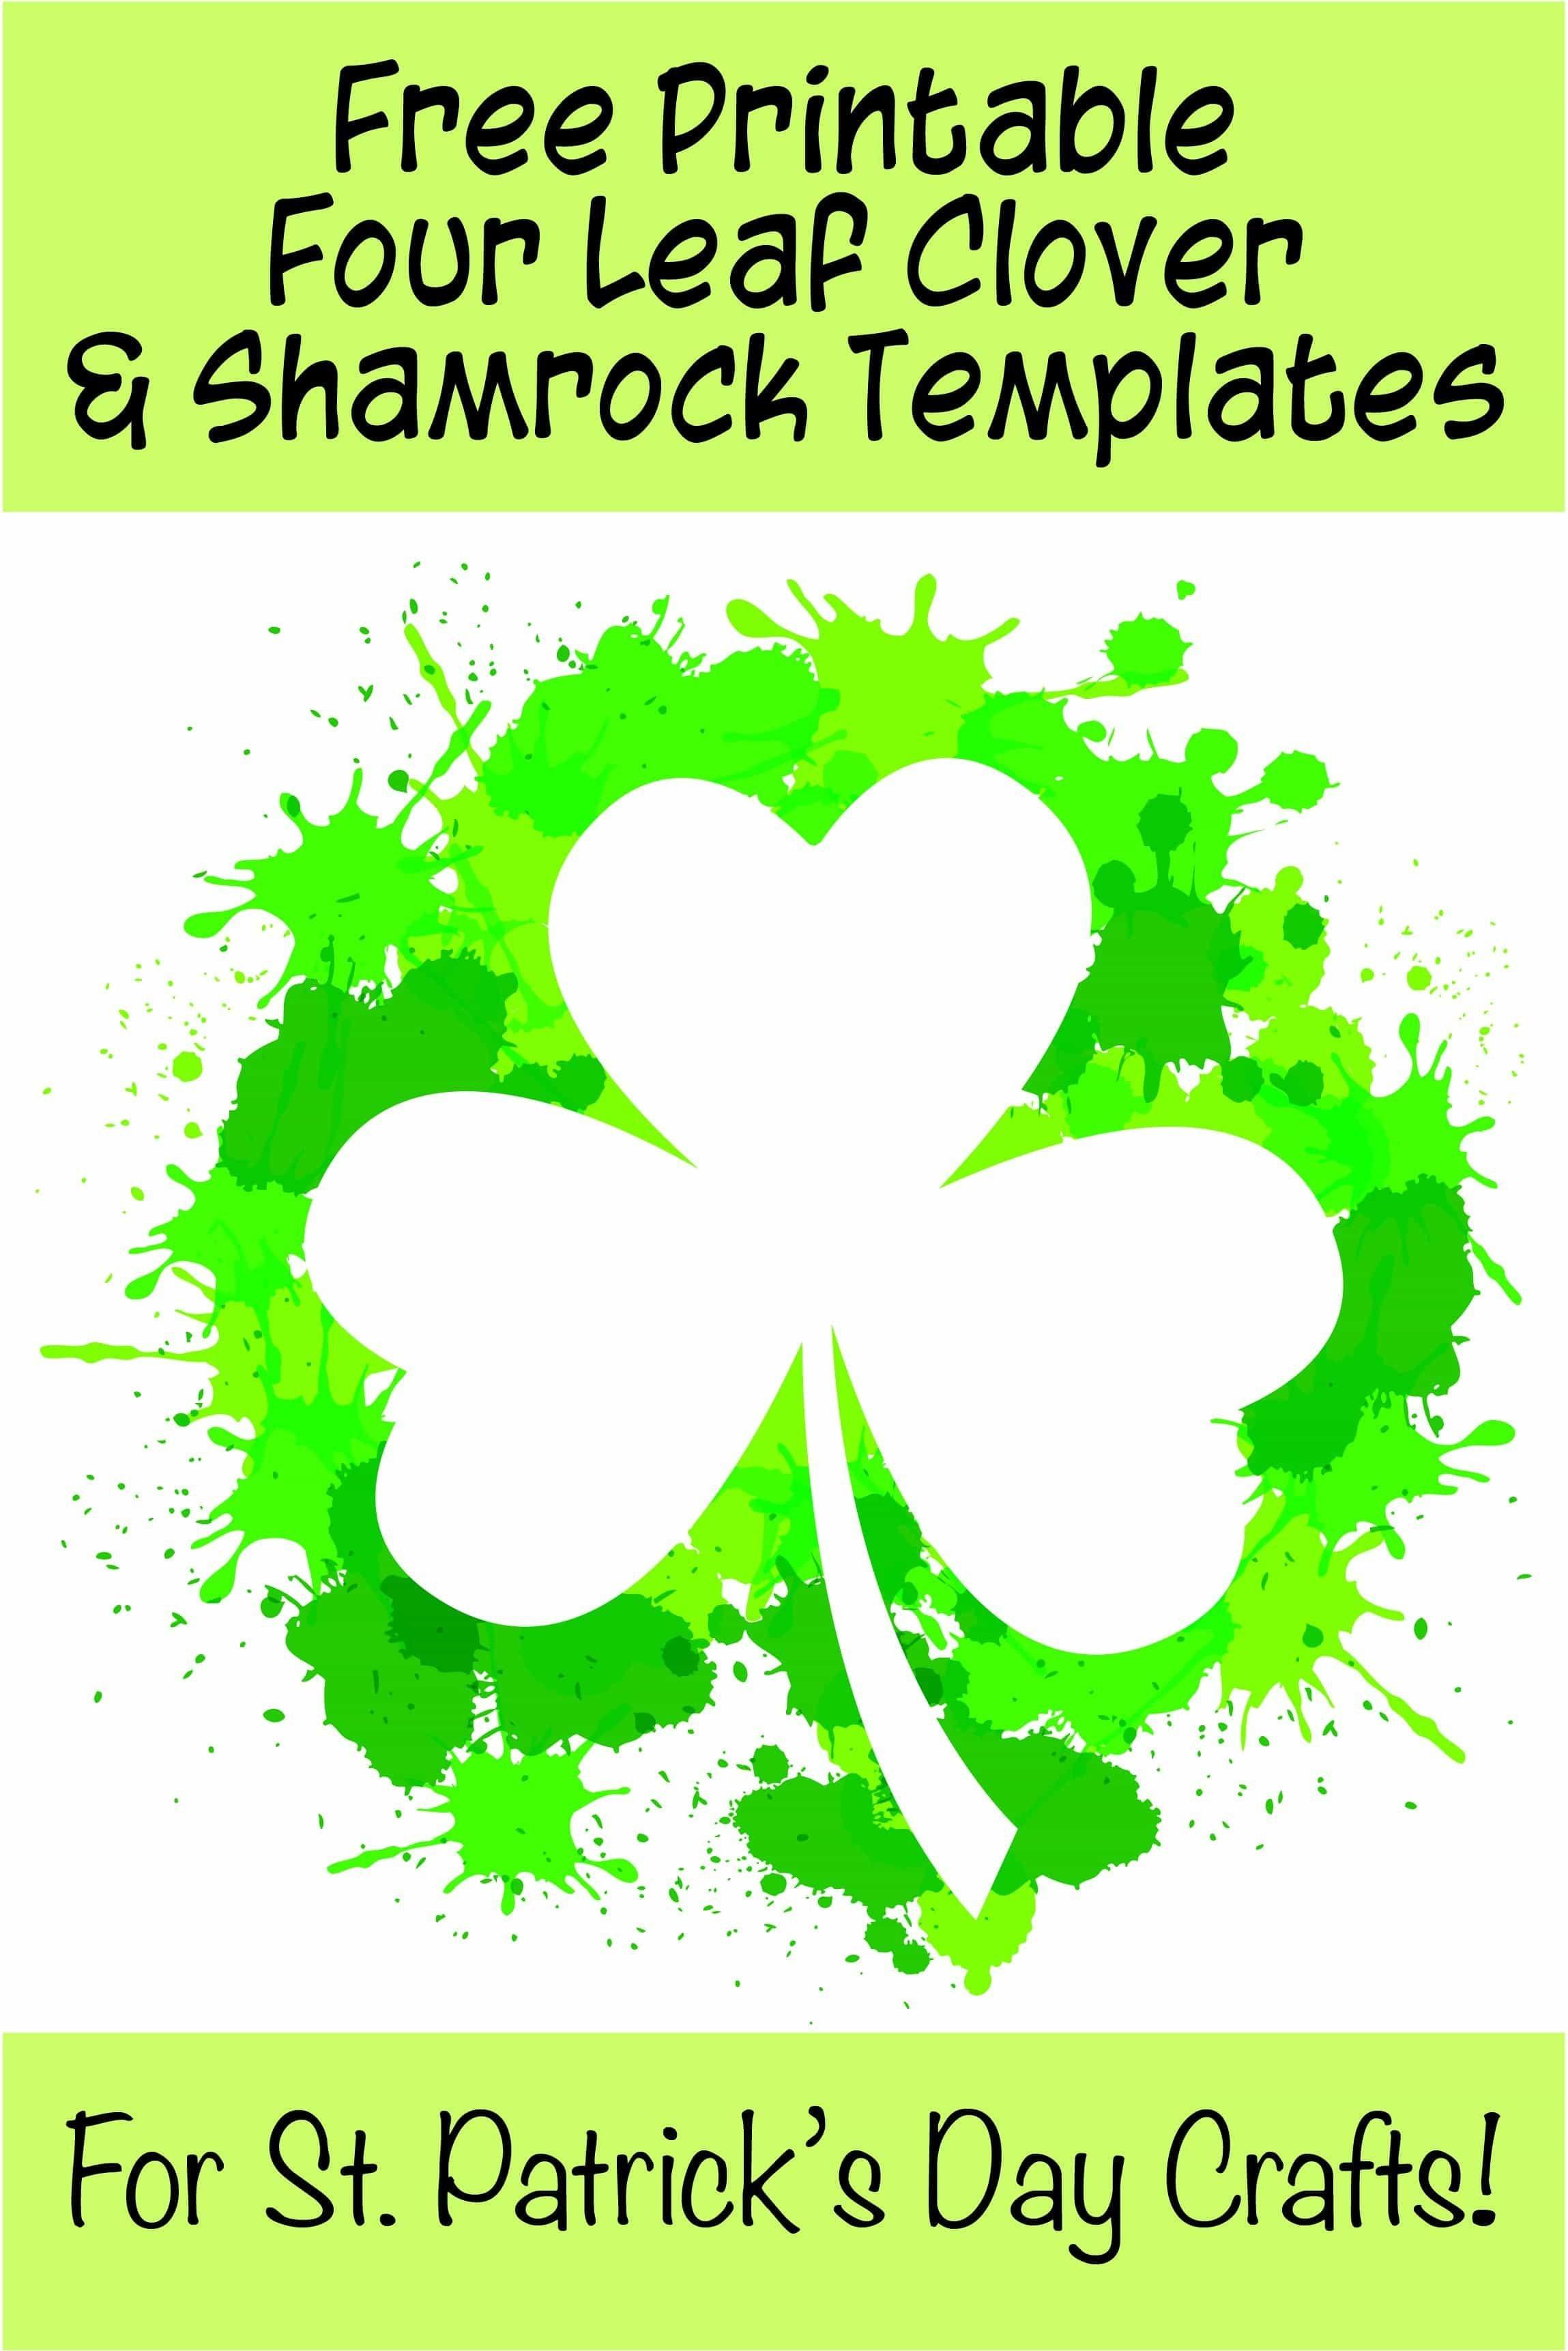 17+ Free Printable Four Leaf Clover & Shamrock Templates   Spring - Free Printable Shamrocks